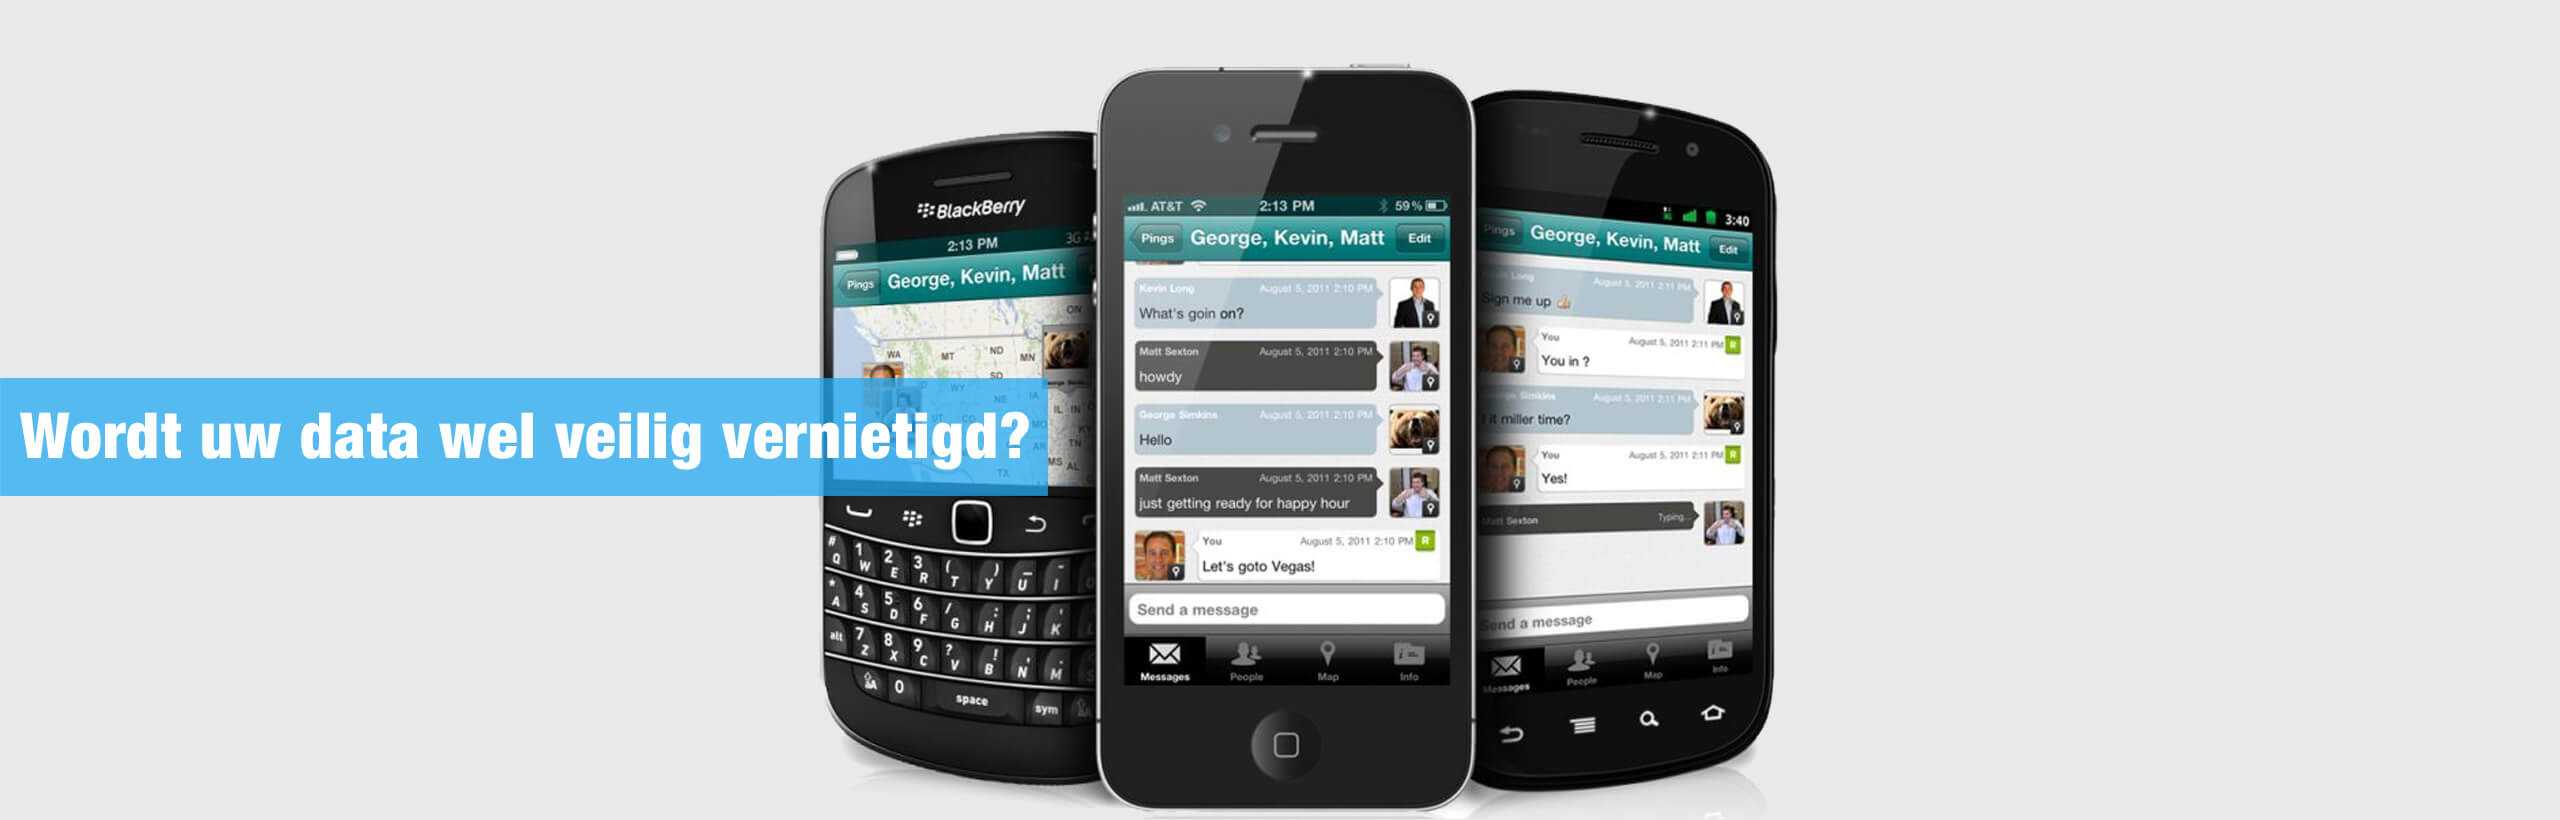 fusernet-datavernietiging-mobiele-apparatuur